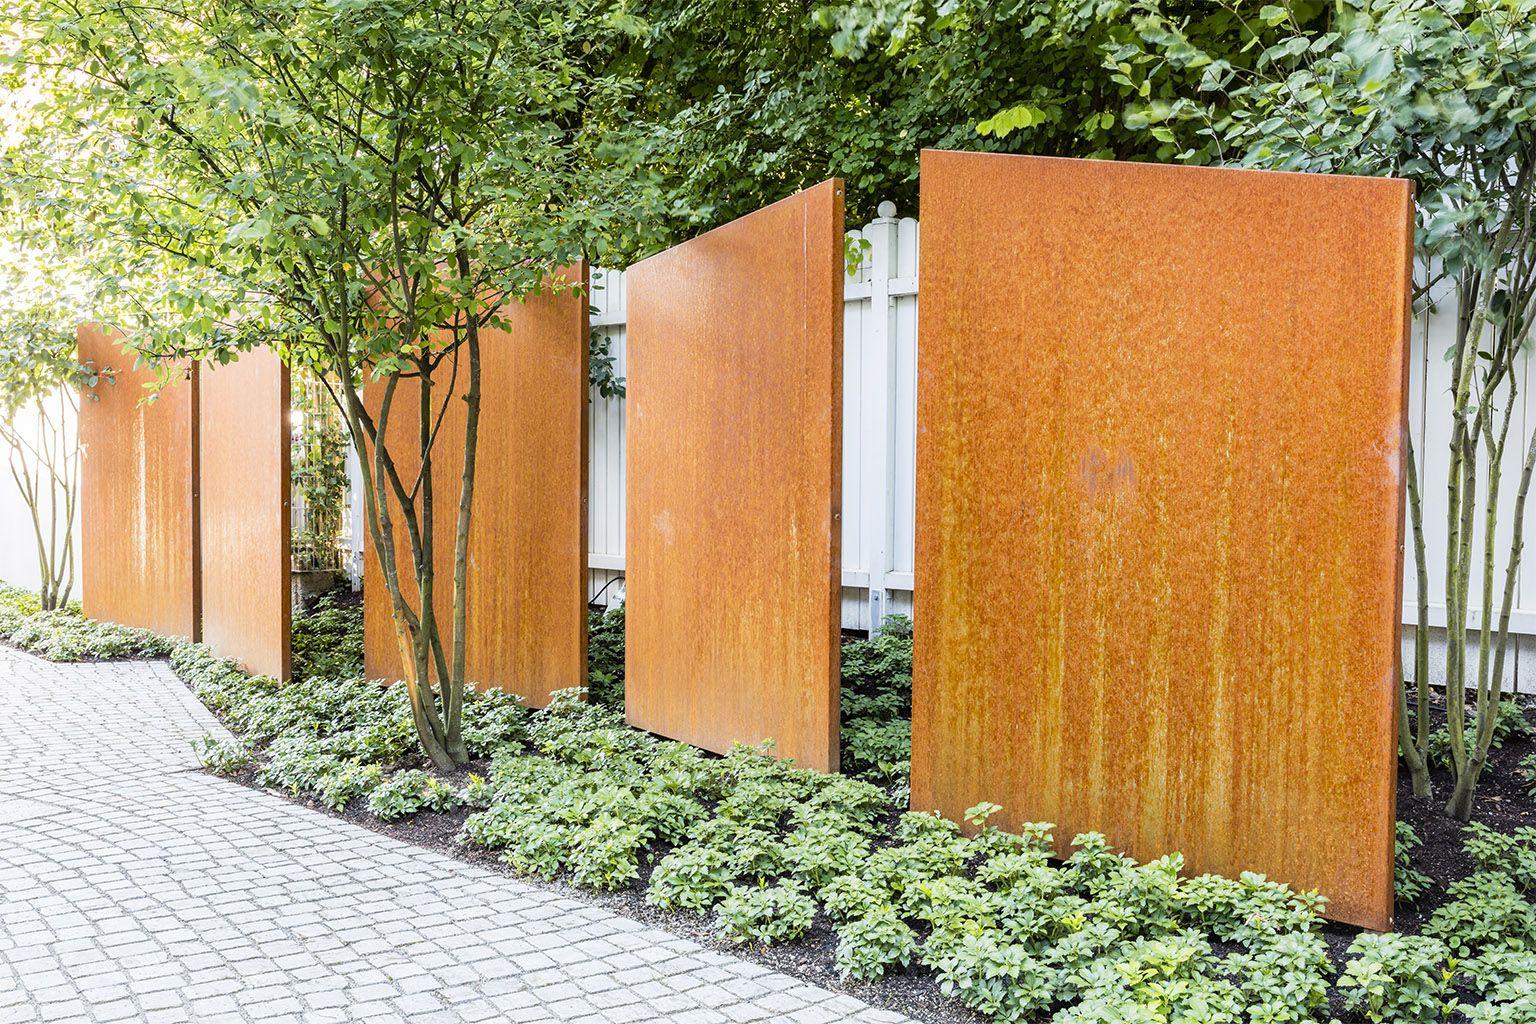 Landschaftsarchitekten München corten steel screen elements by hinnenthalschaar